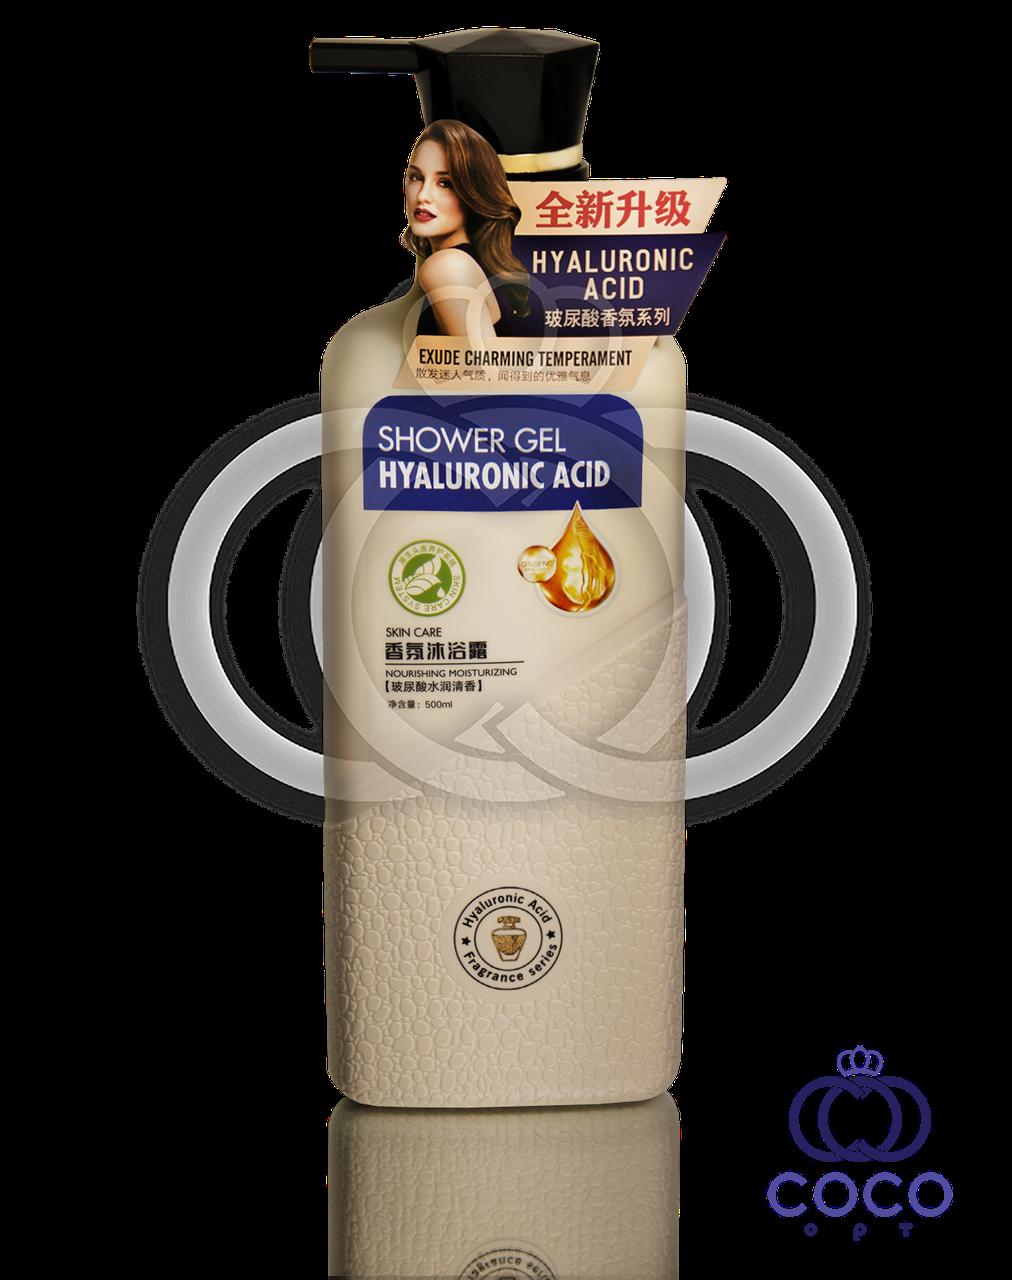 Увлажняющий гель для душа с гиалуроновой кислотой Shower Gel Hyaluronic Acid